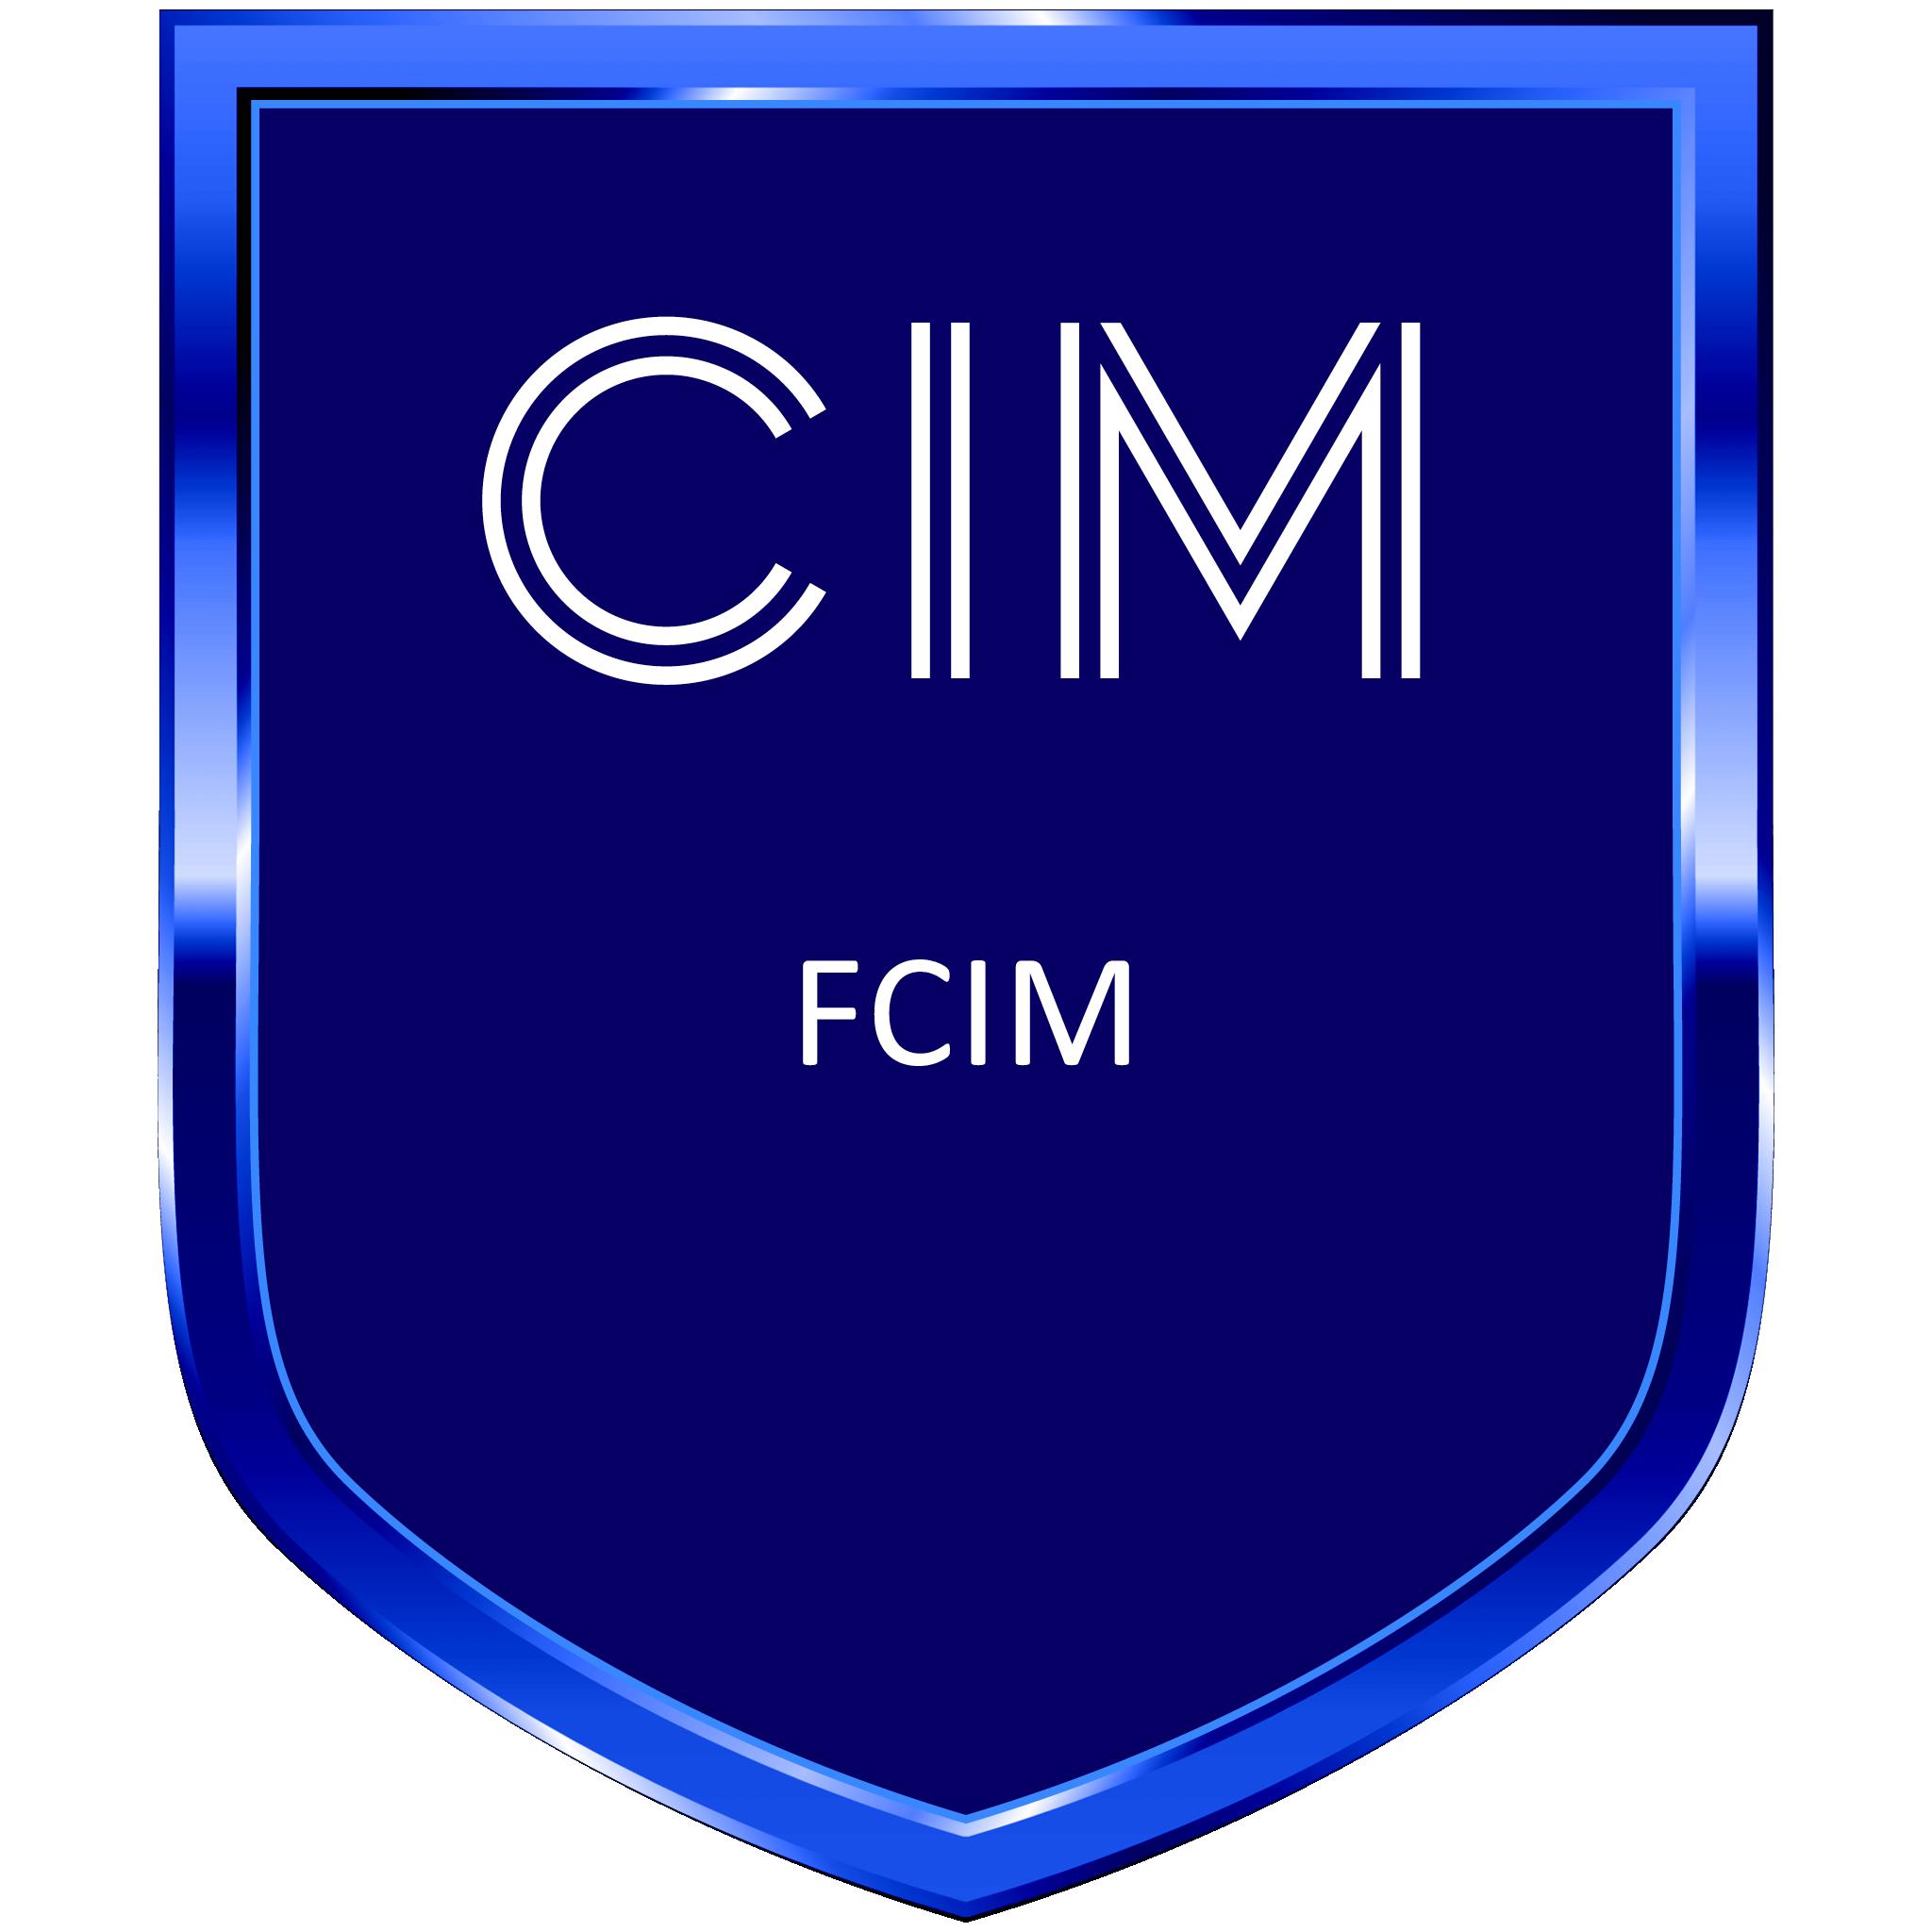 CIM FCIM Member